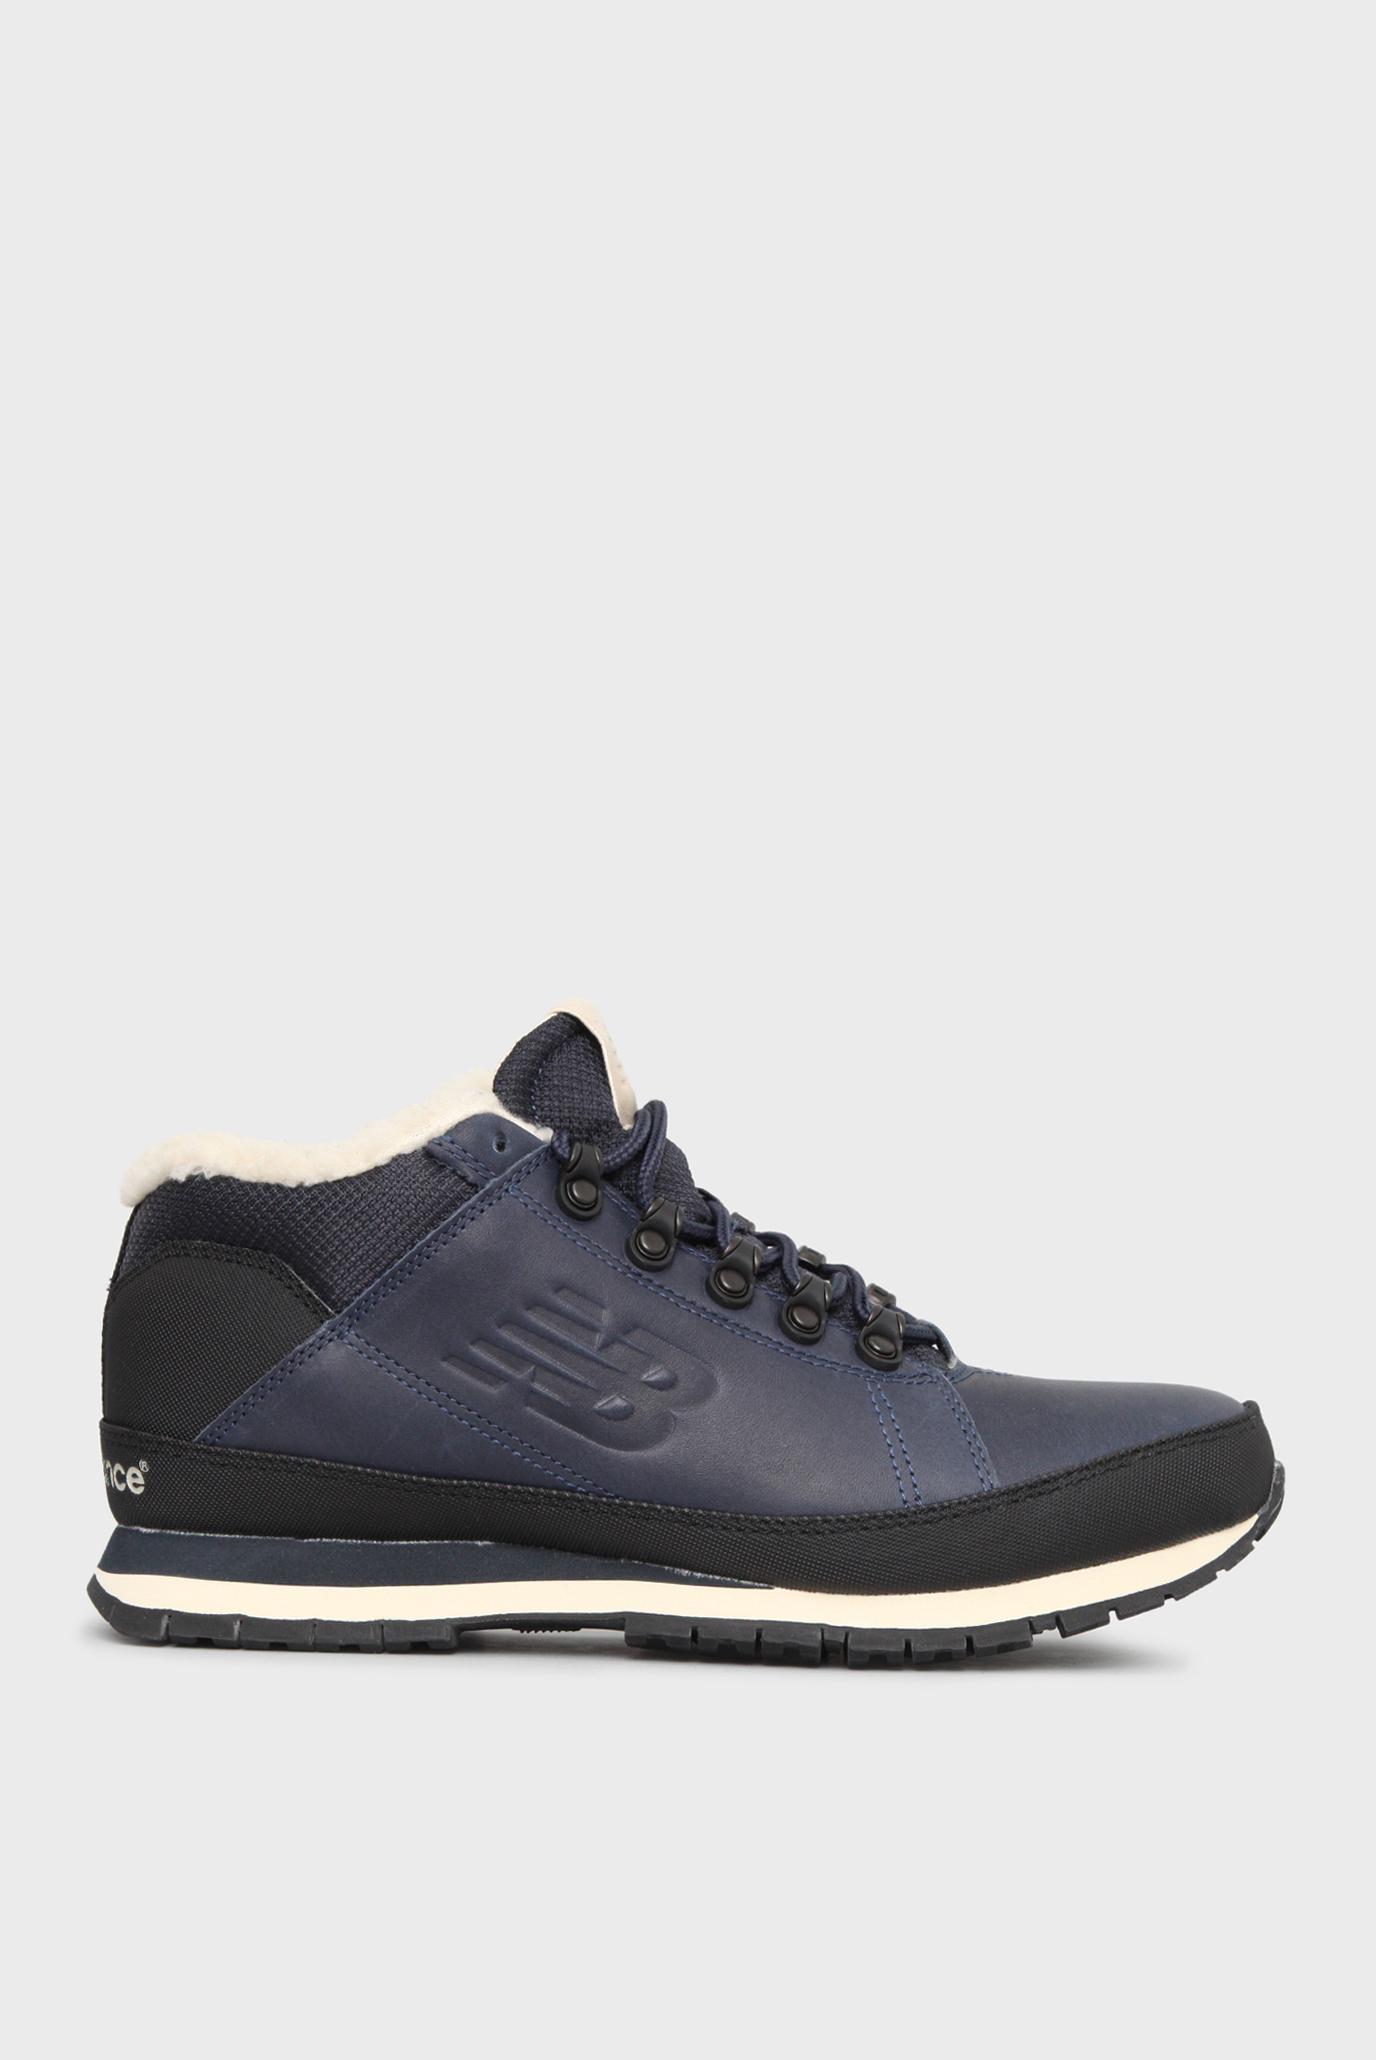 a6e832aaf4f4 Купить Мужские синие кожаные ботинки 754 New Balance New Balance H754LFN –  Киев, Украина. Цены в интернет ...